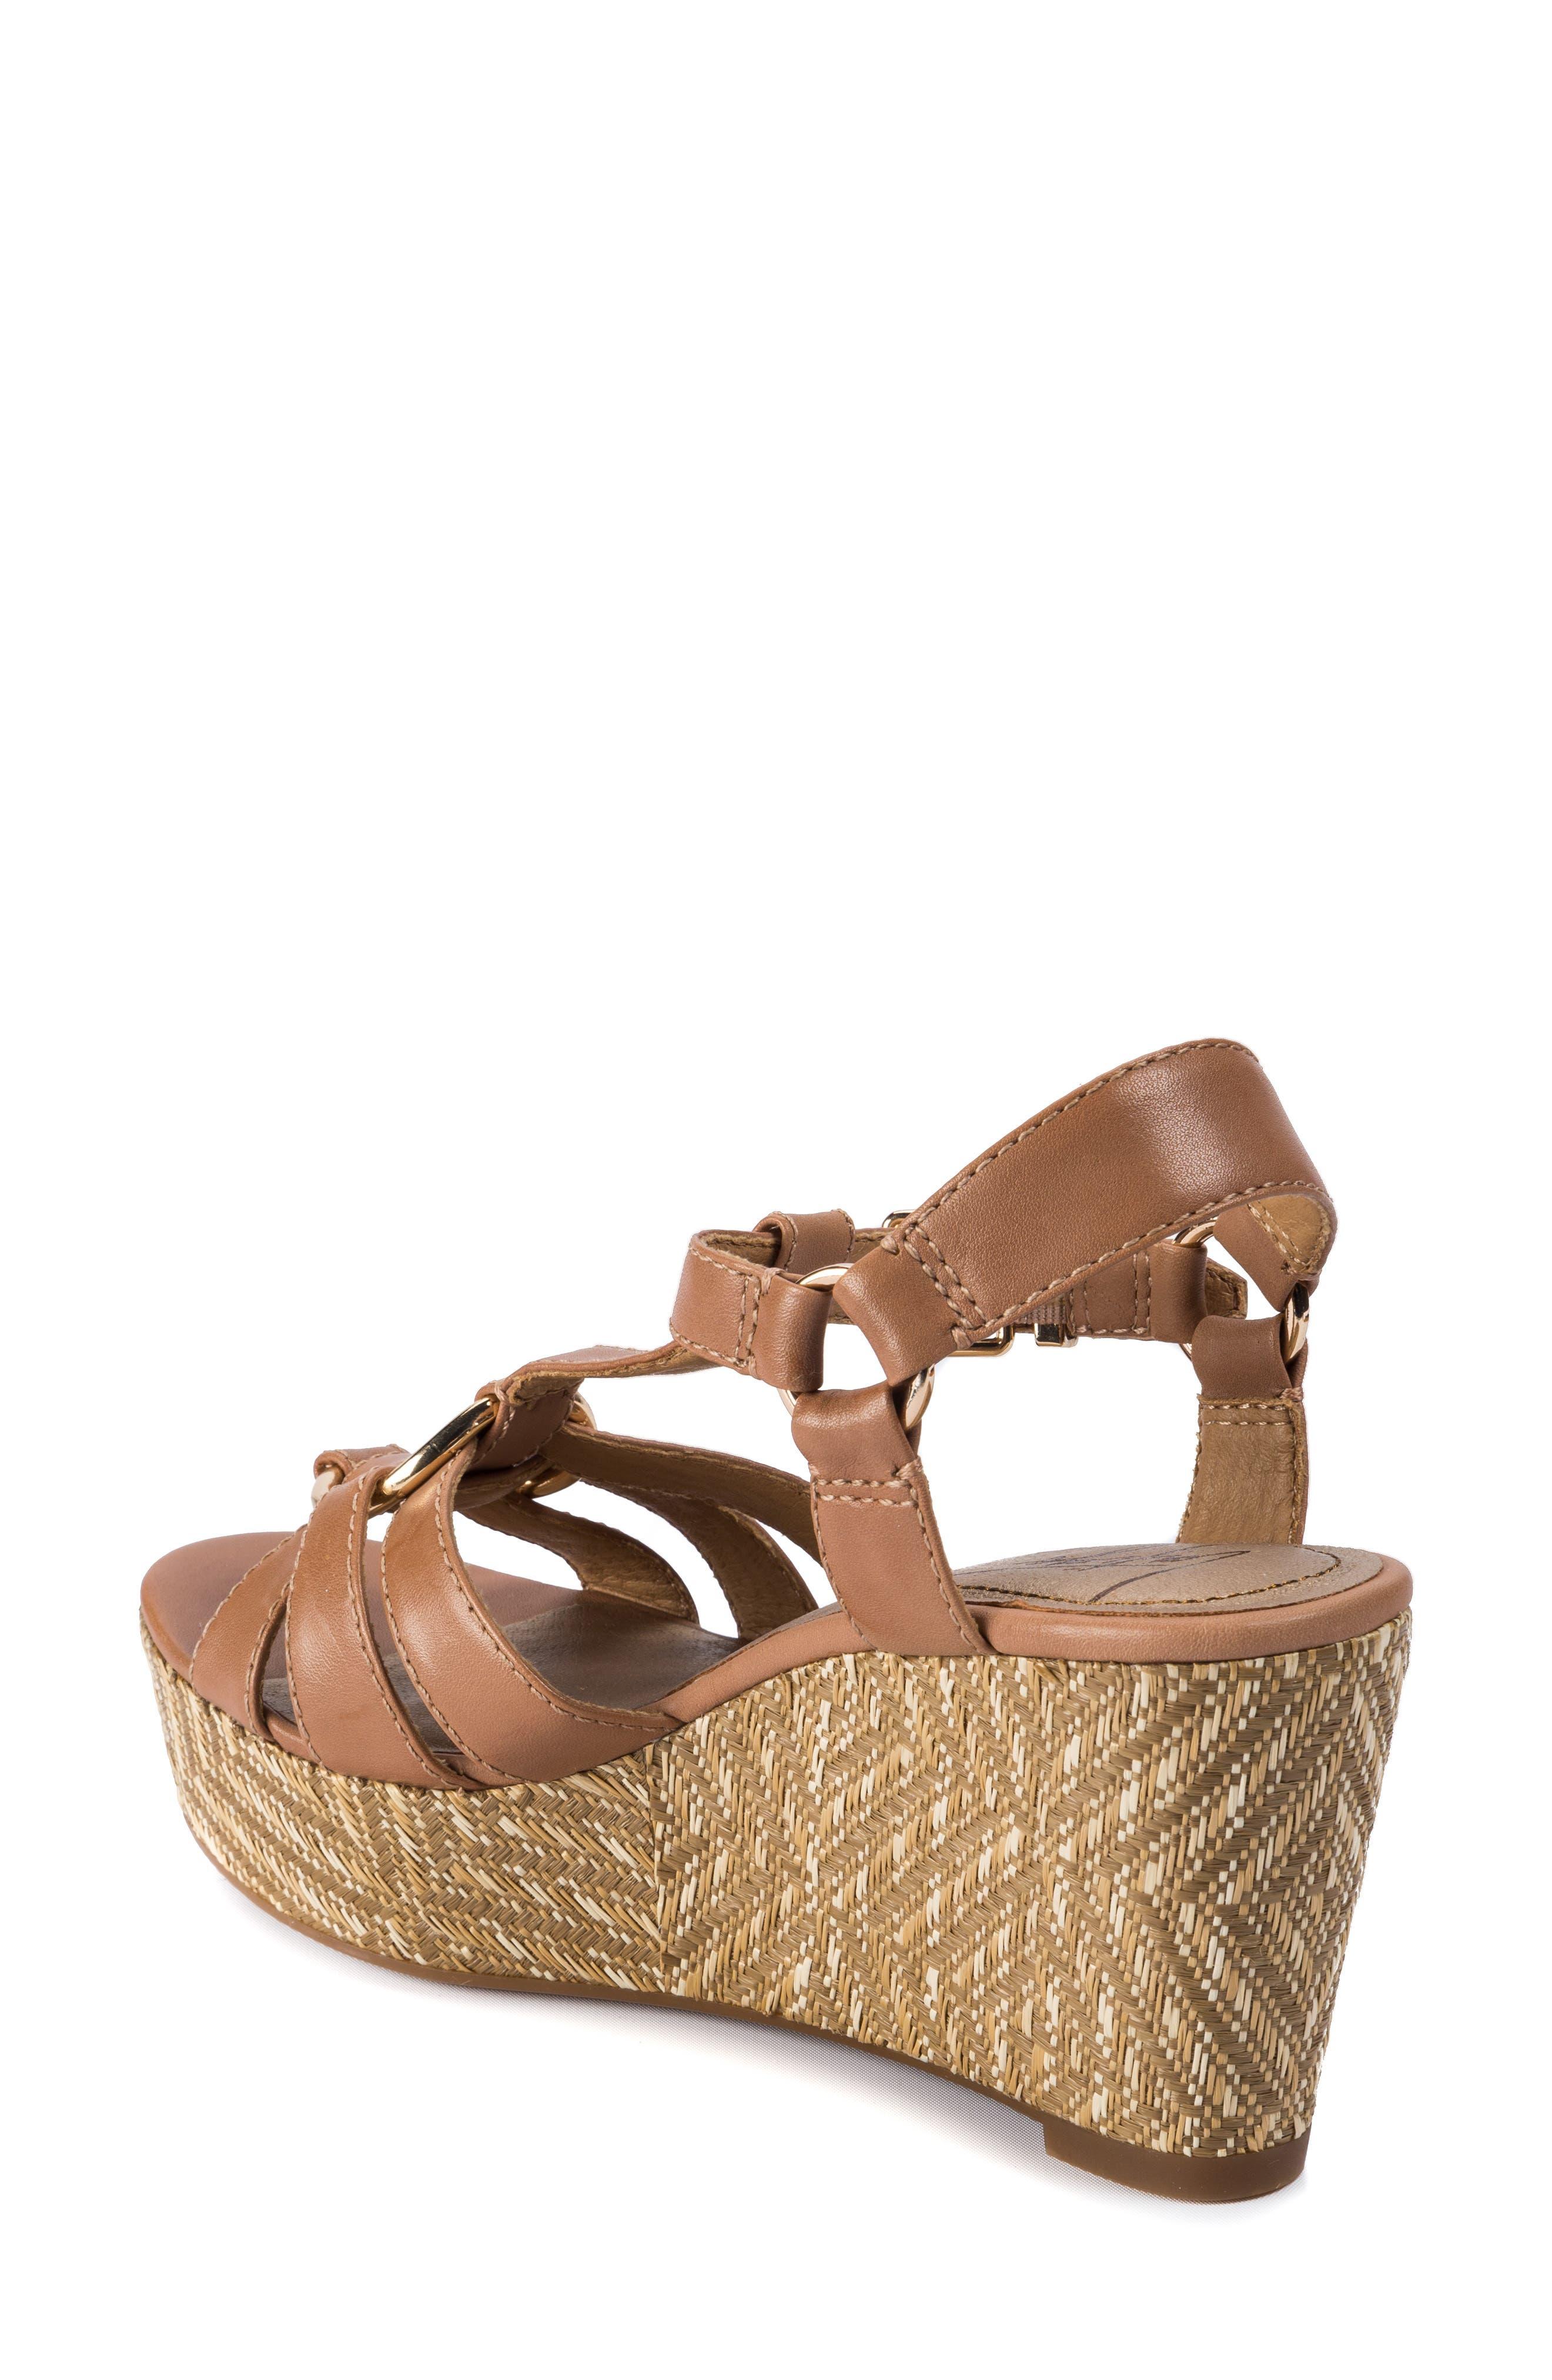 9900fffca59 Women s Latigo Shoes